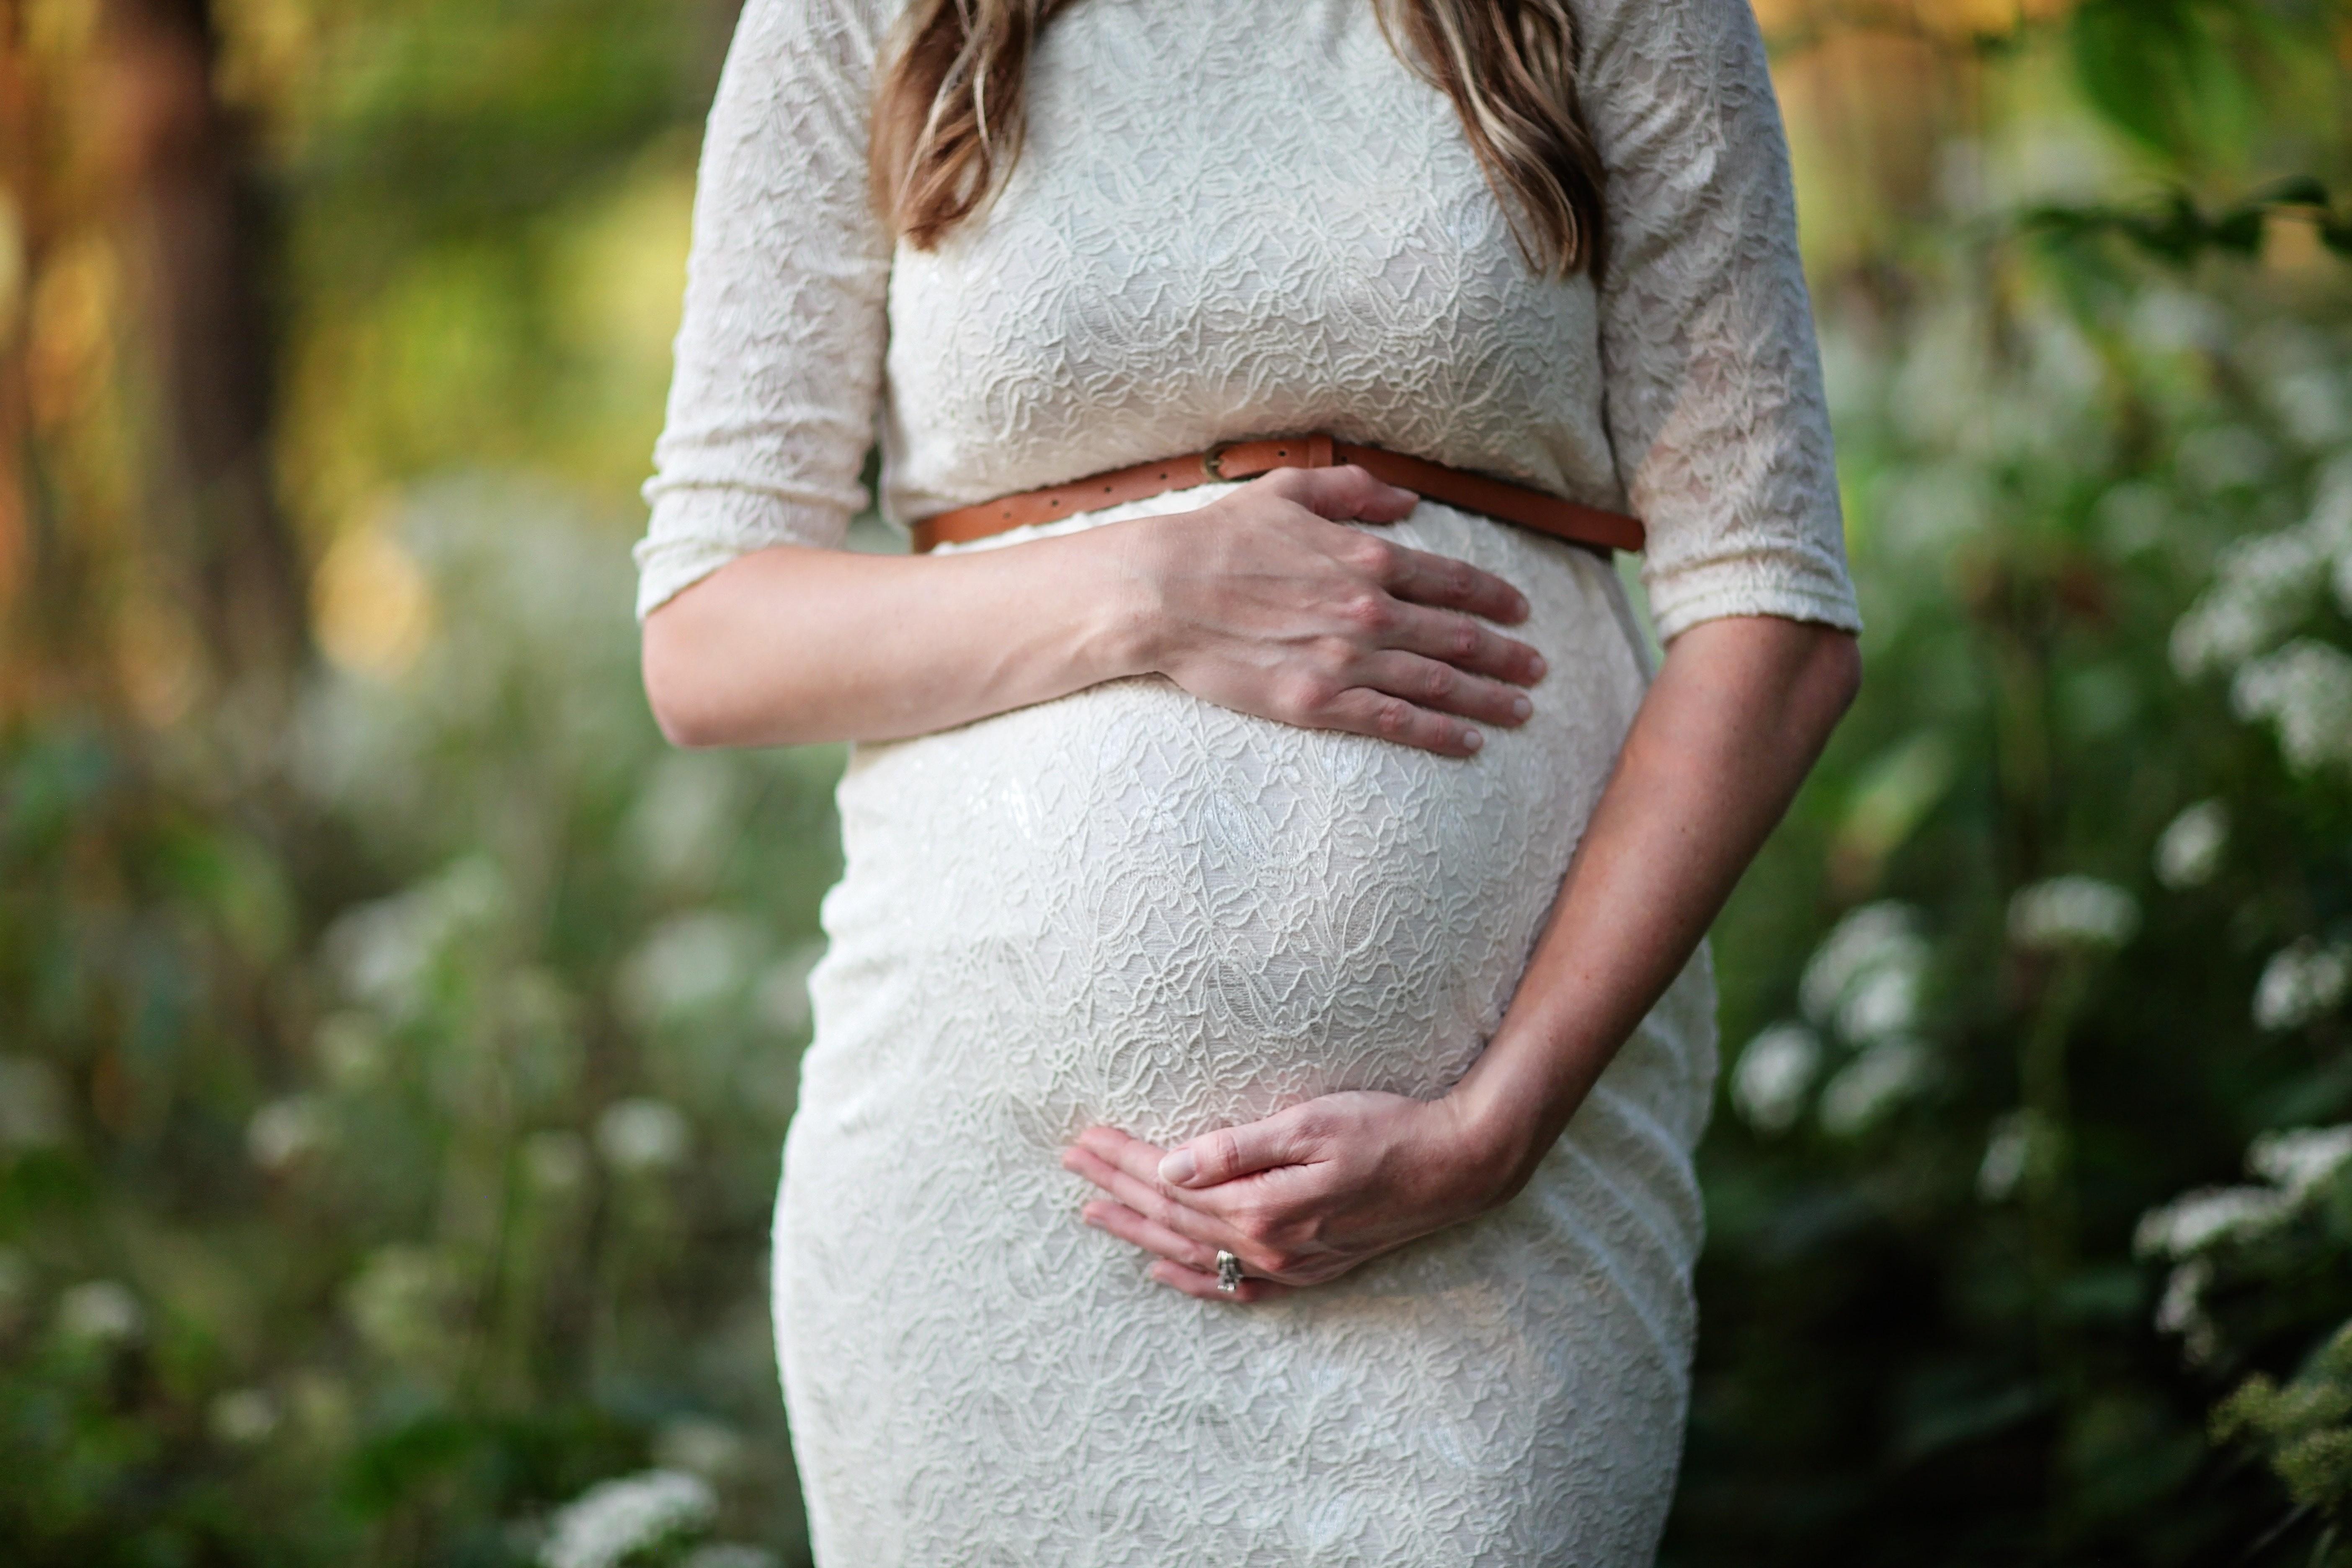 Самые нелепые приметы о беременности, в которые стыдно верить в XXI веке